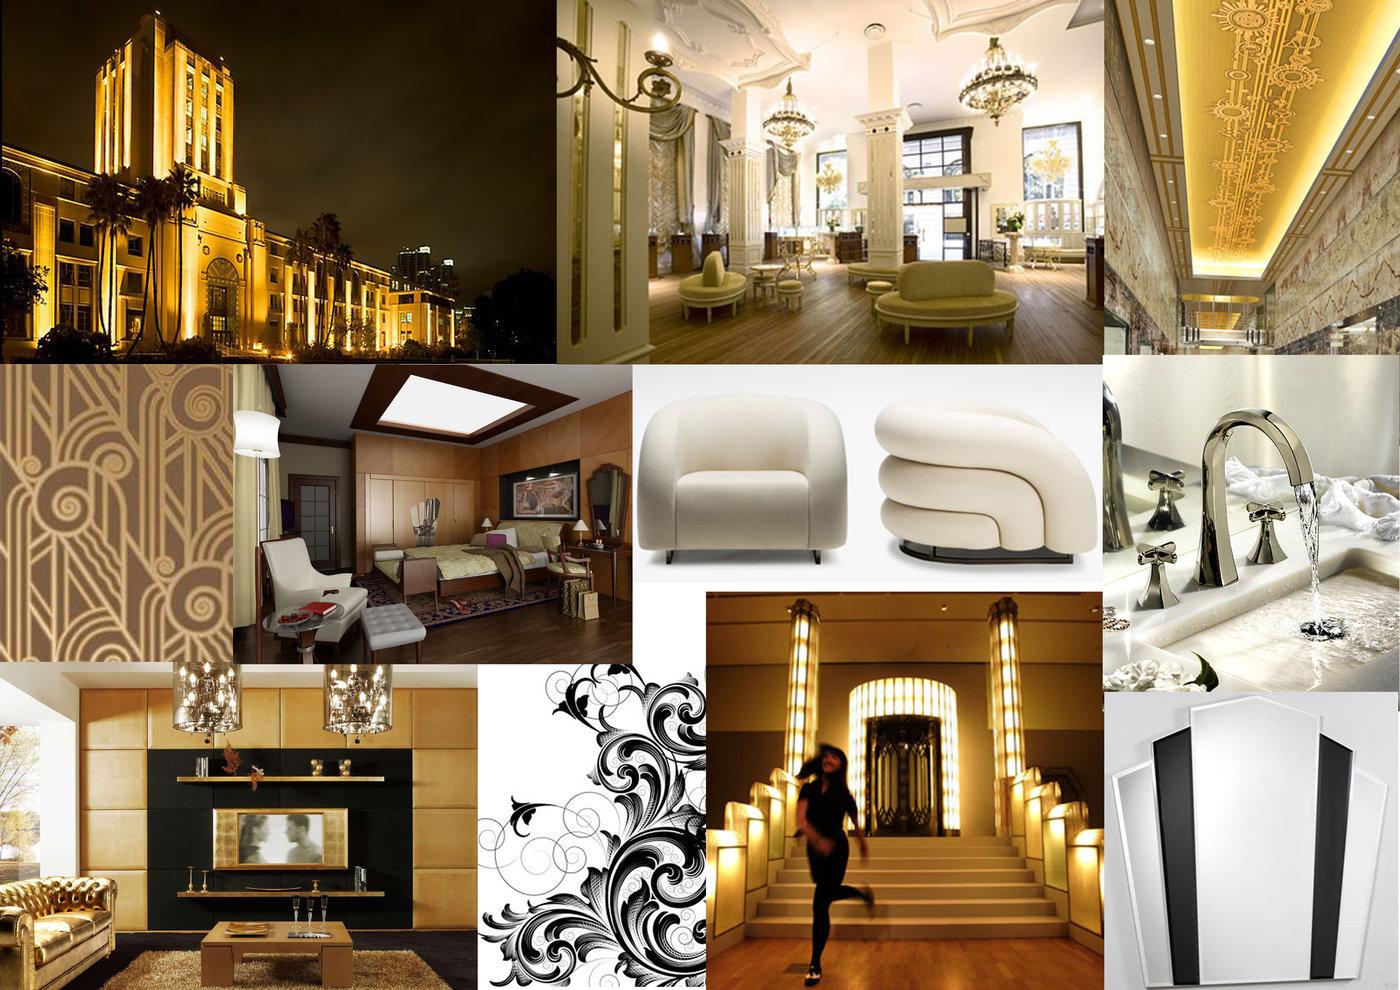 Interior Design By Anna Makulska At